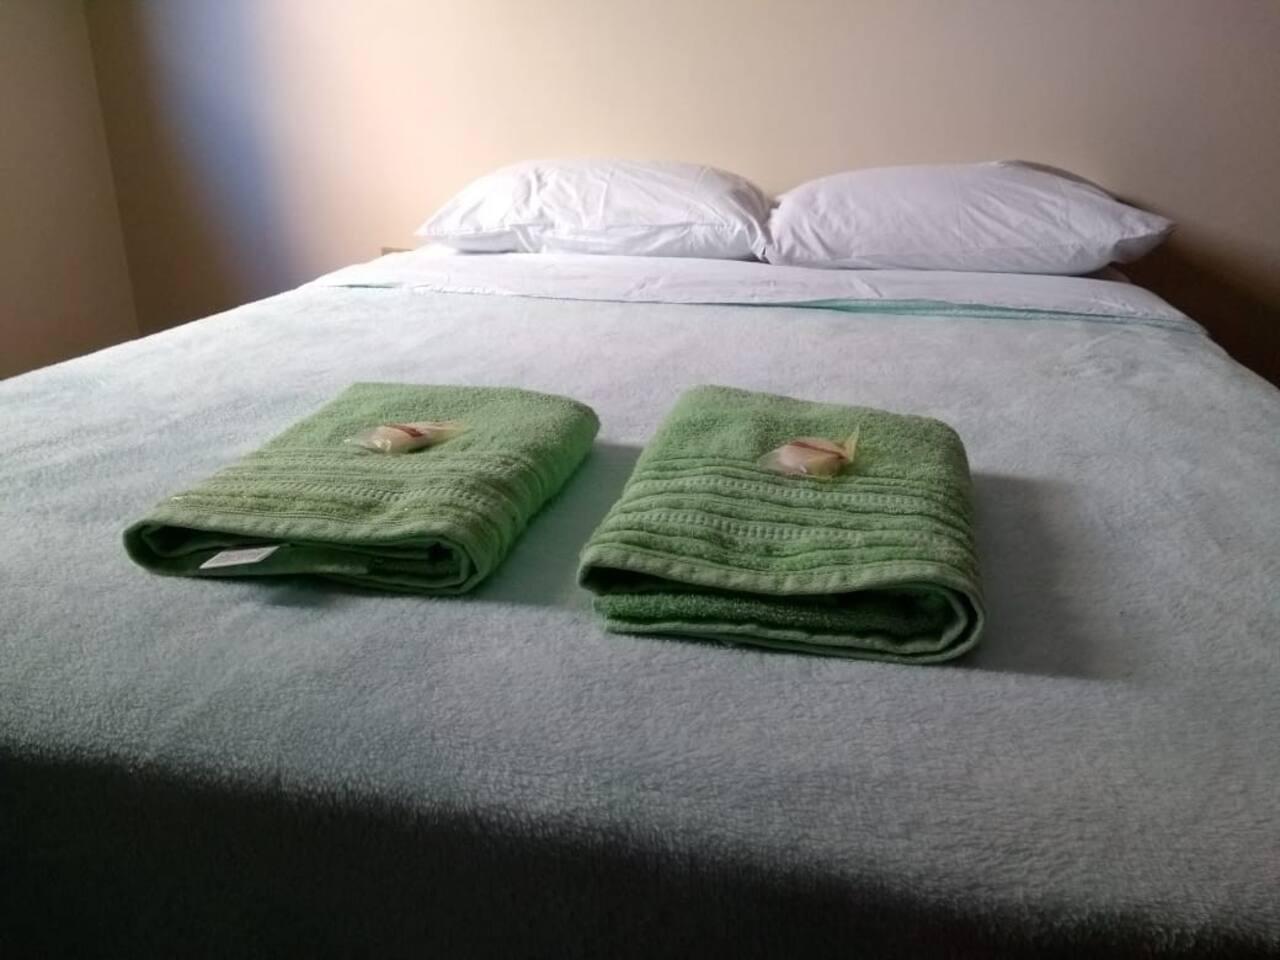 Toalhas de banho e sabonetes como cortesia